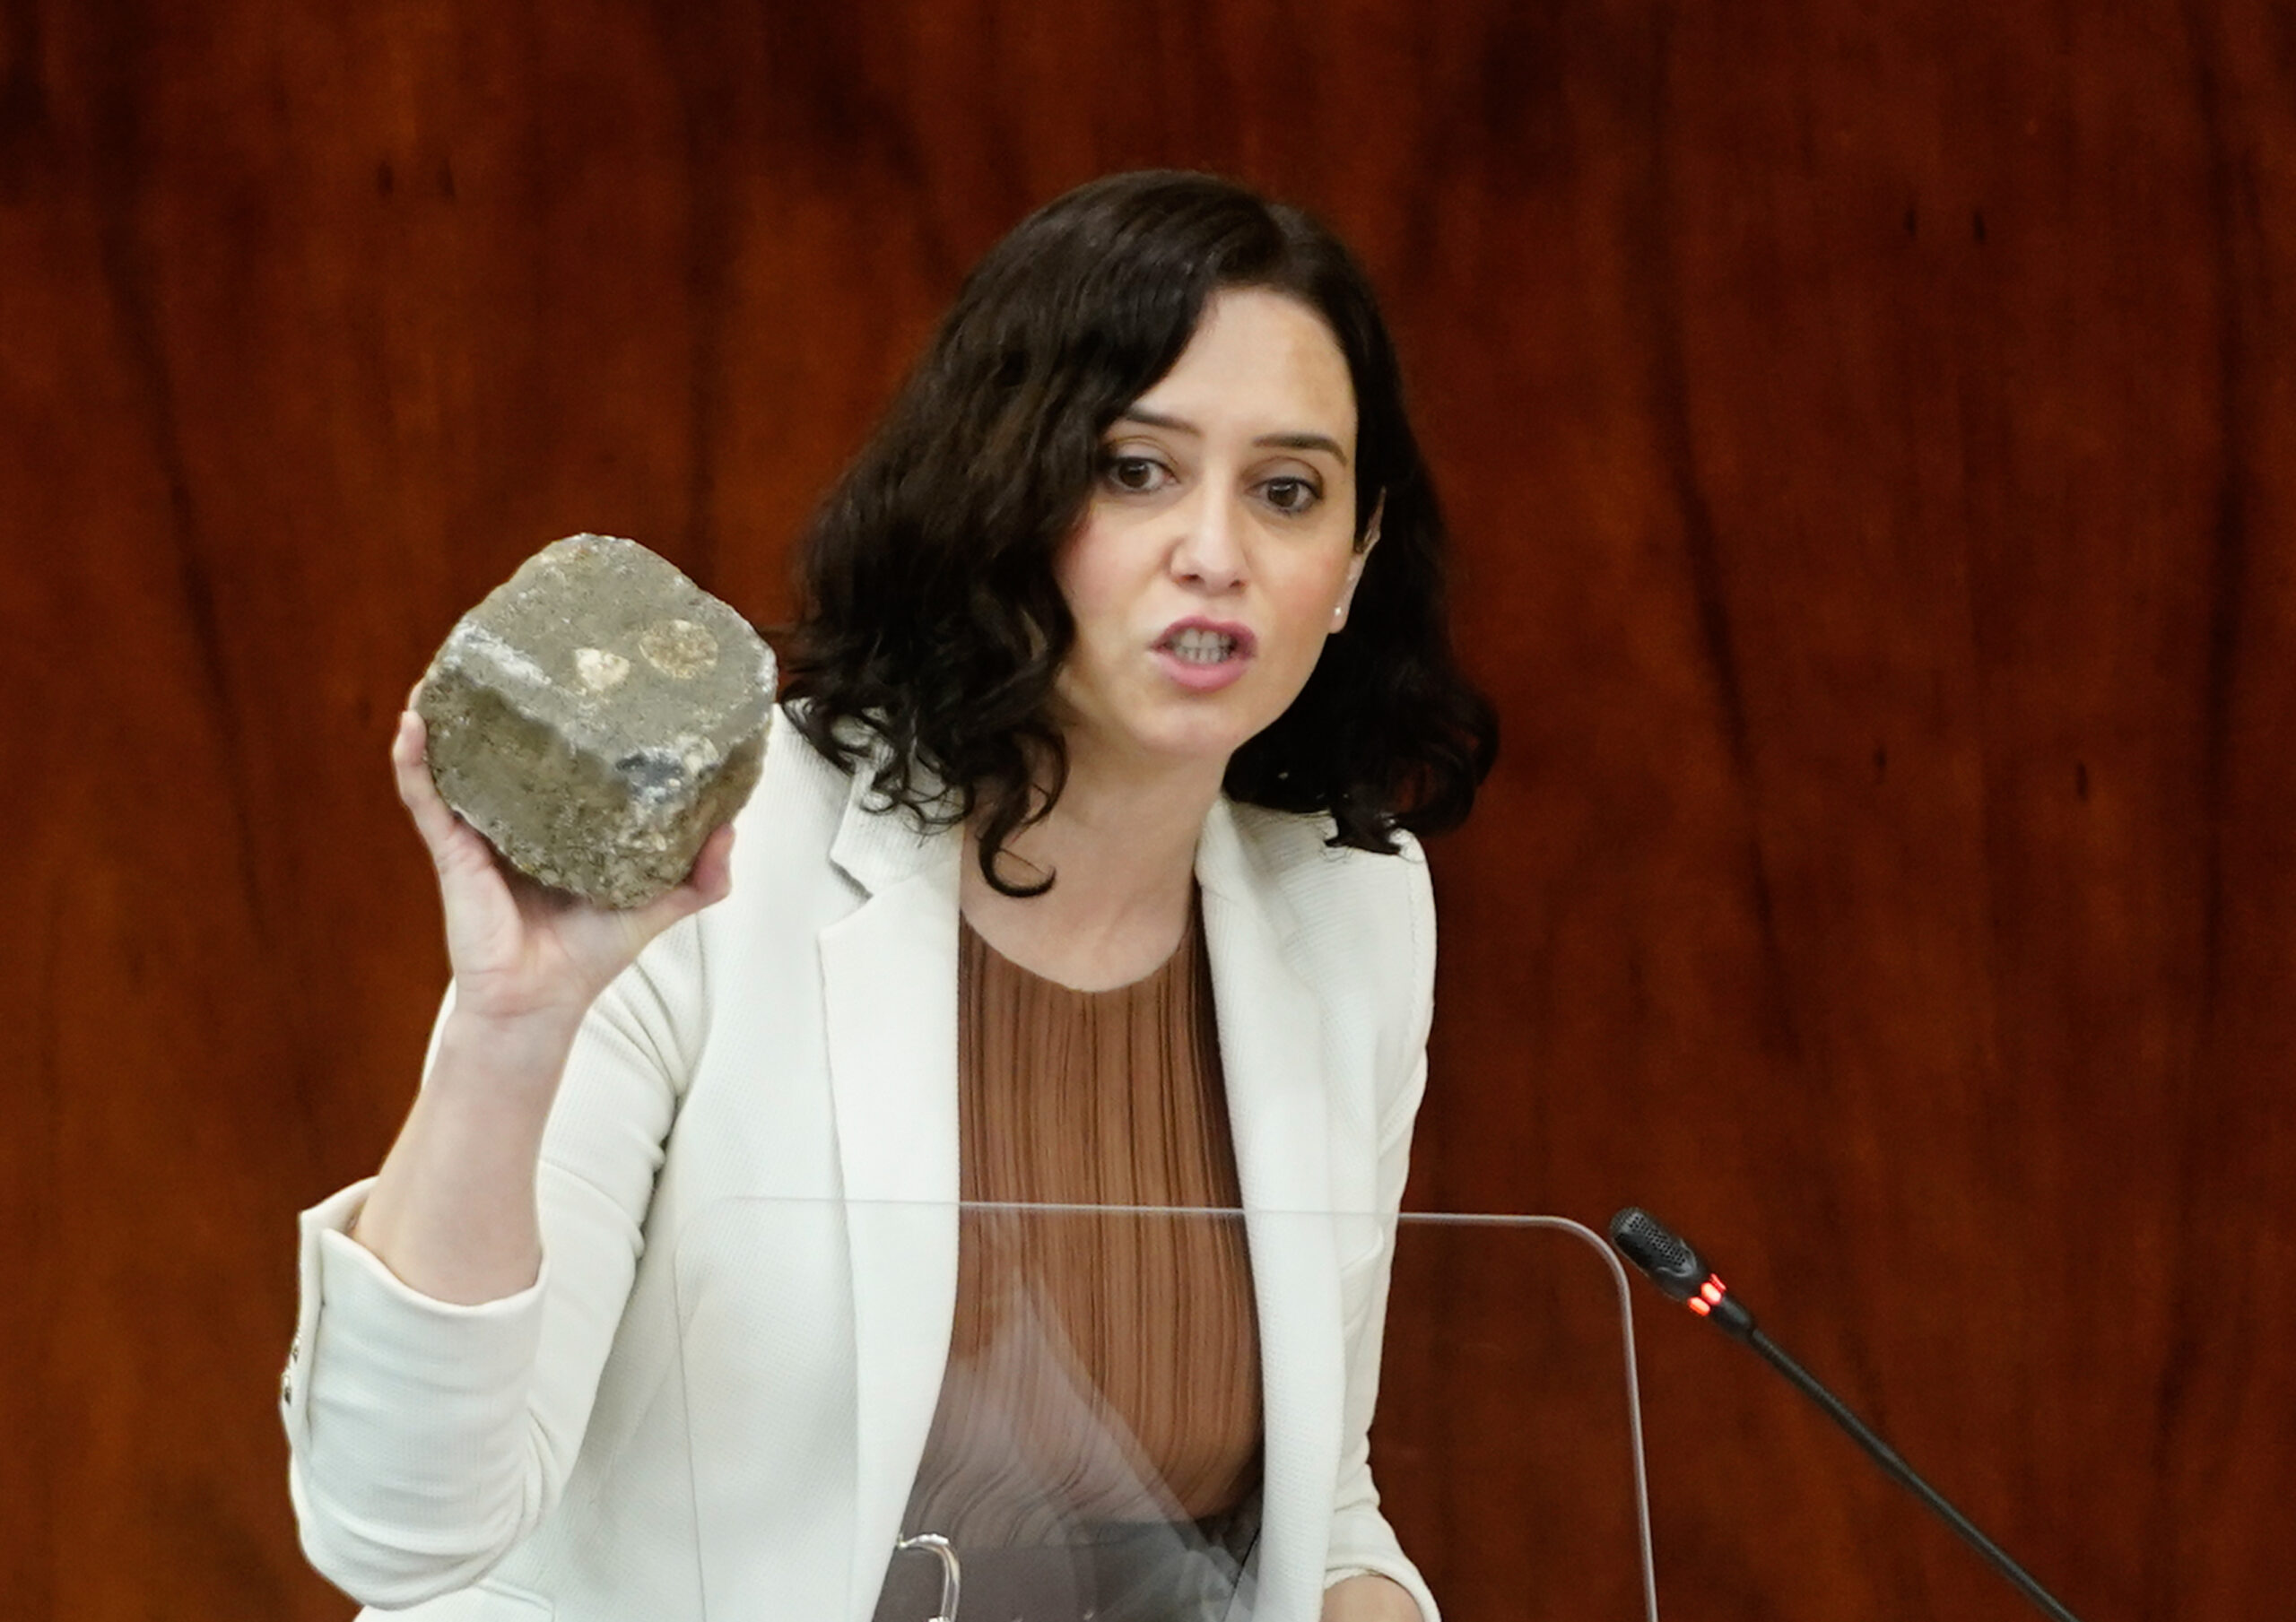 La presidenta de la Comunitat de Madrid, Isabel Díaz Ayuso, mostra a l'Assemblea de Madrid una llamborda suposadament utilitzada als aldarulls per Pablo Hasél   ACN